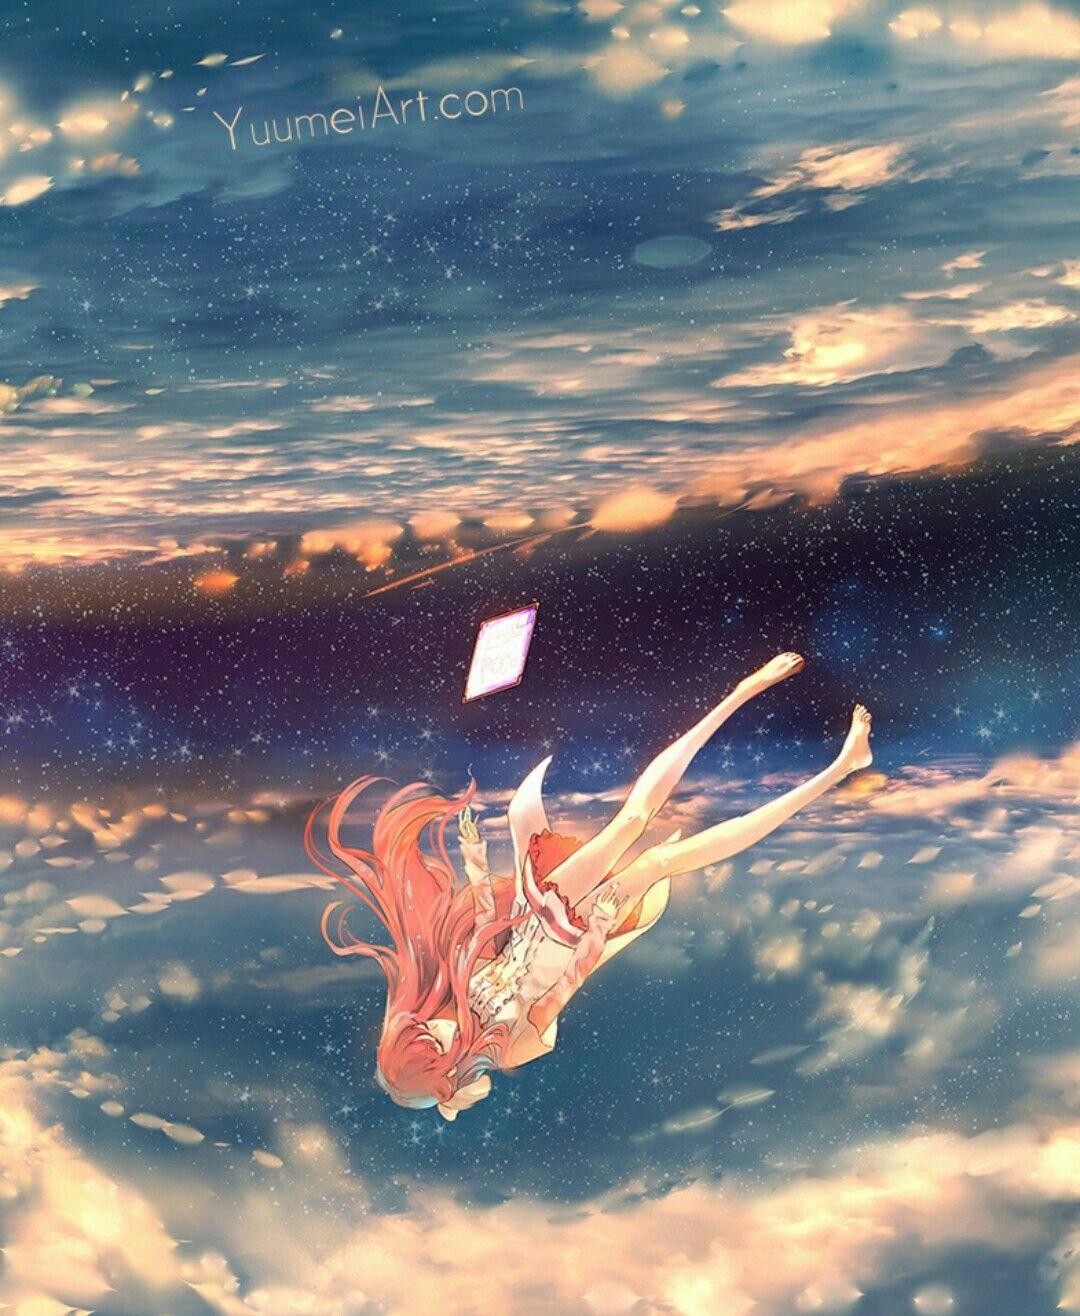 rơi tự do Phong cảnh, Thiên hà, Anime